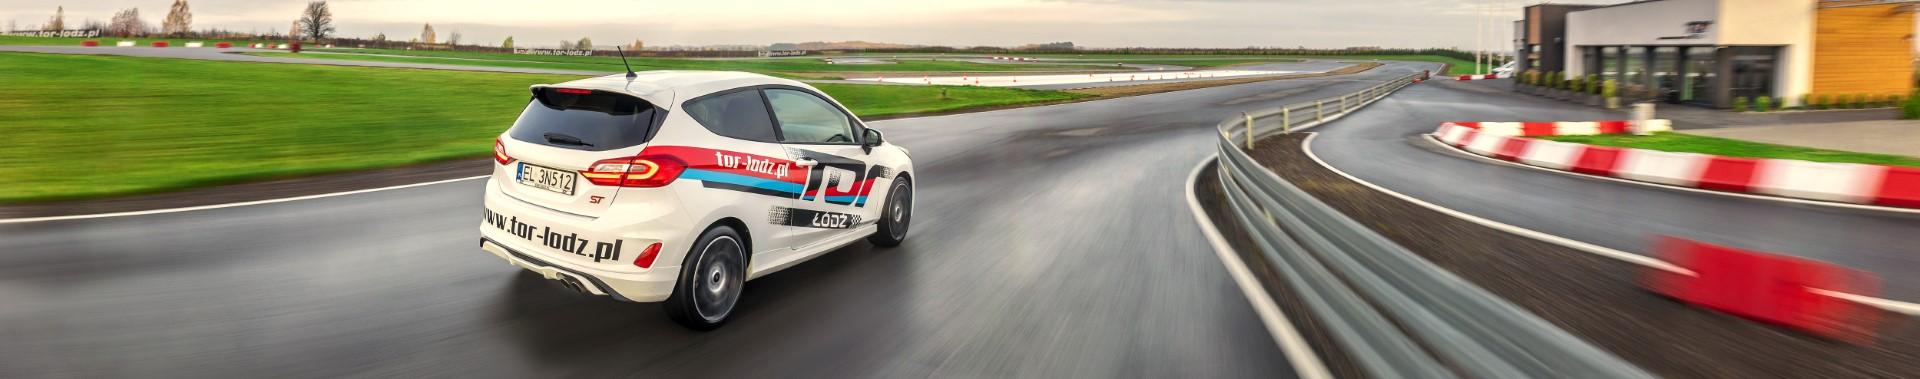 szkolenie bezpiecznej jazdy